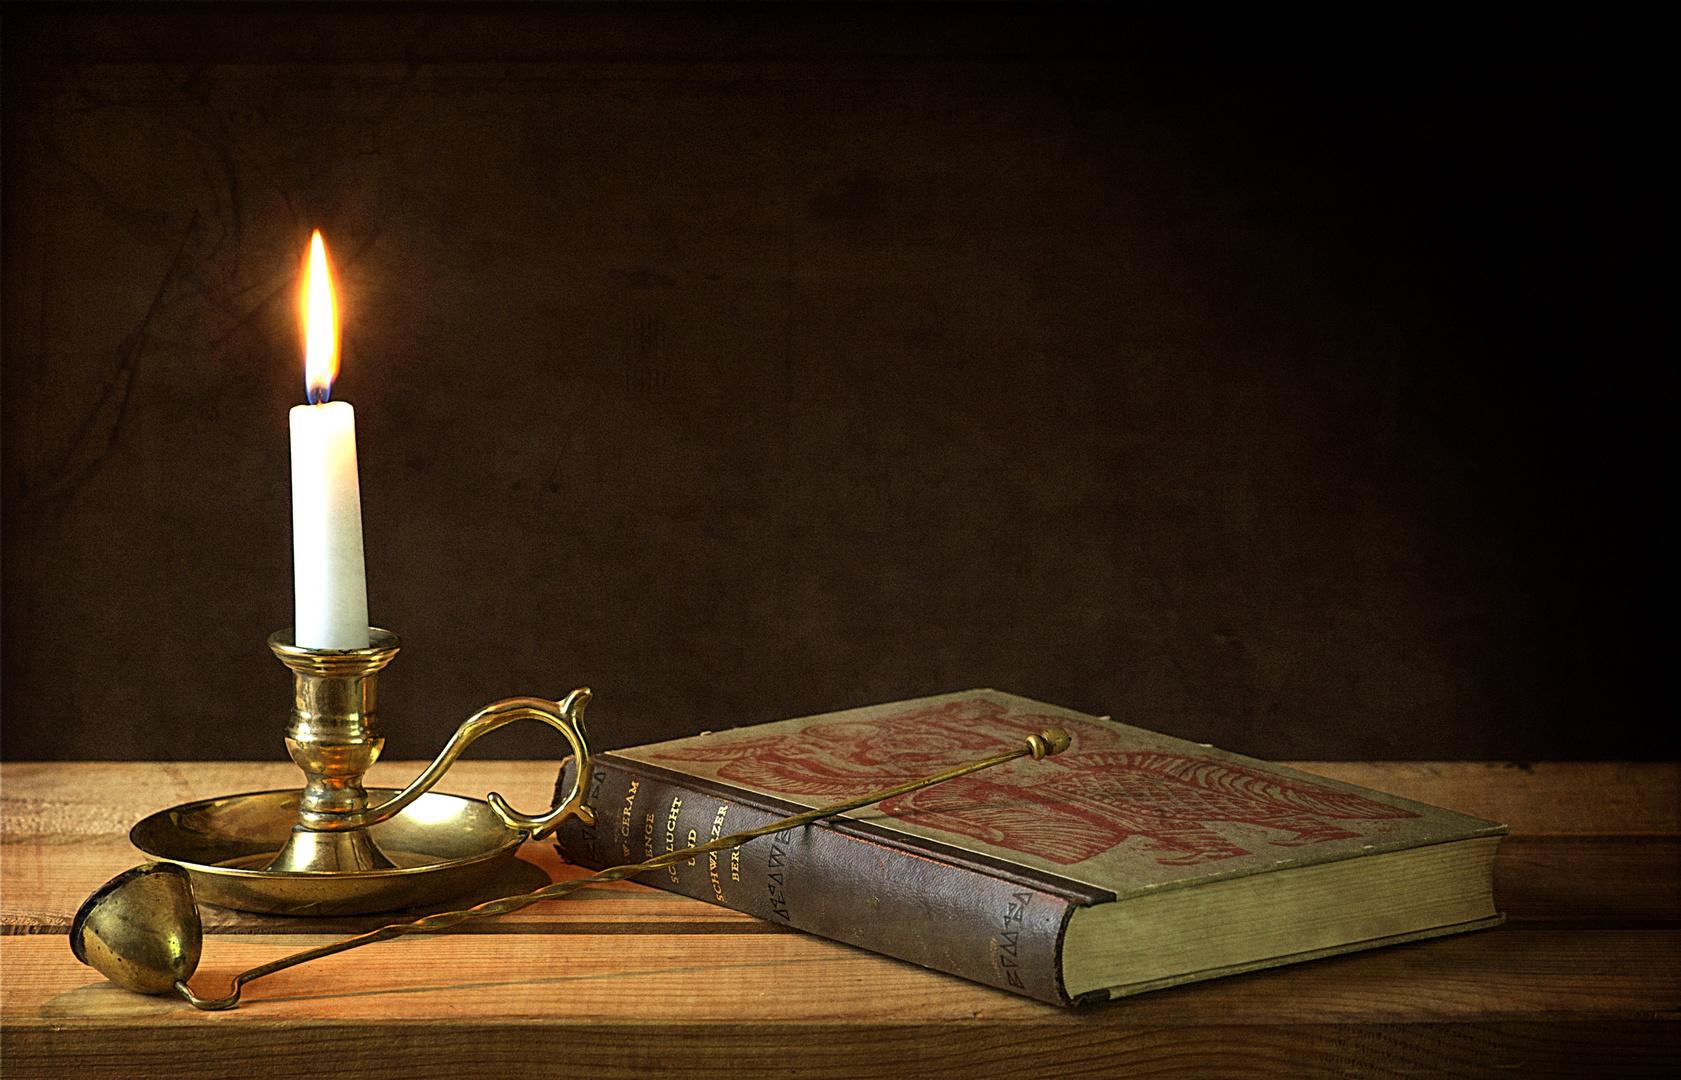 Kerze mit Buch